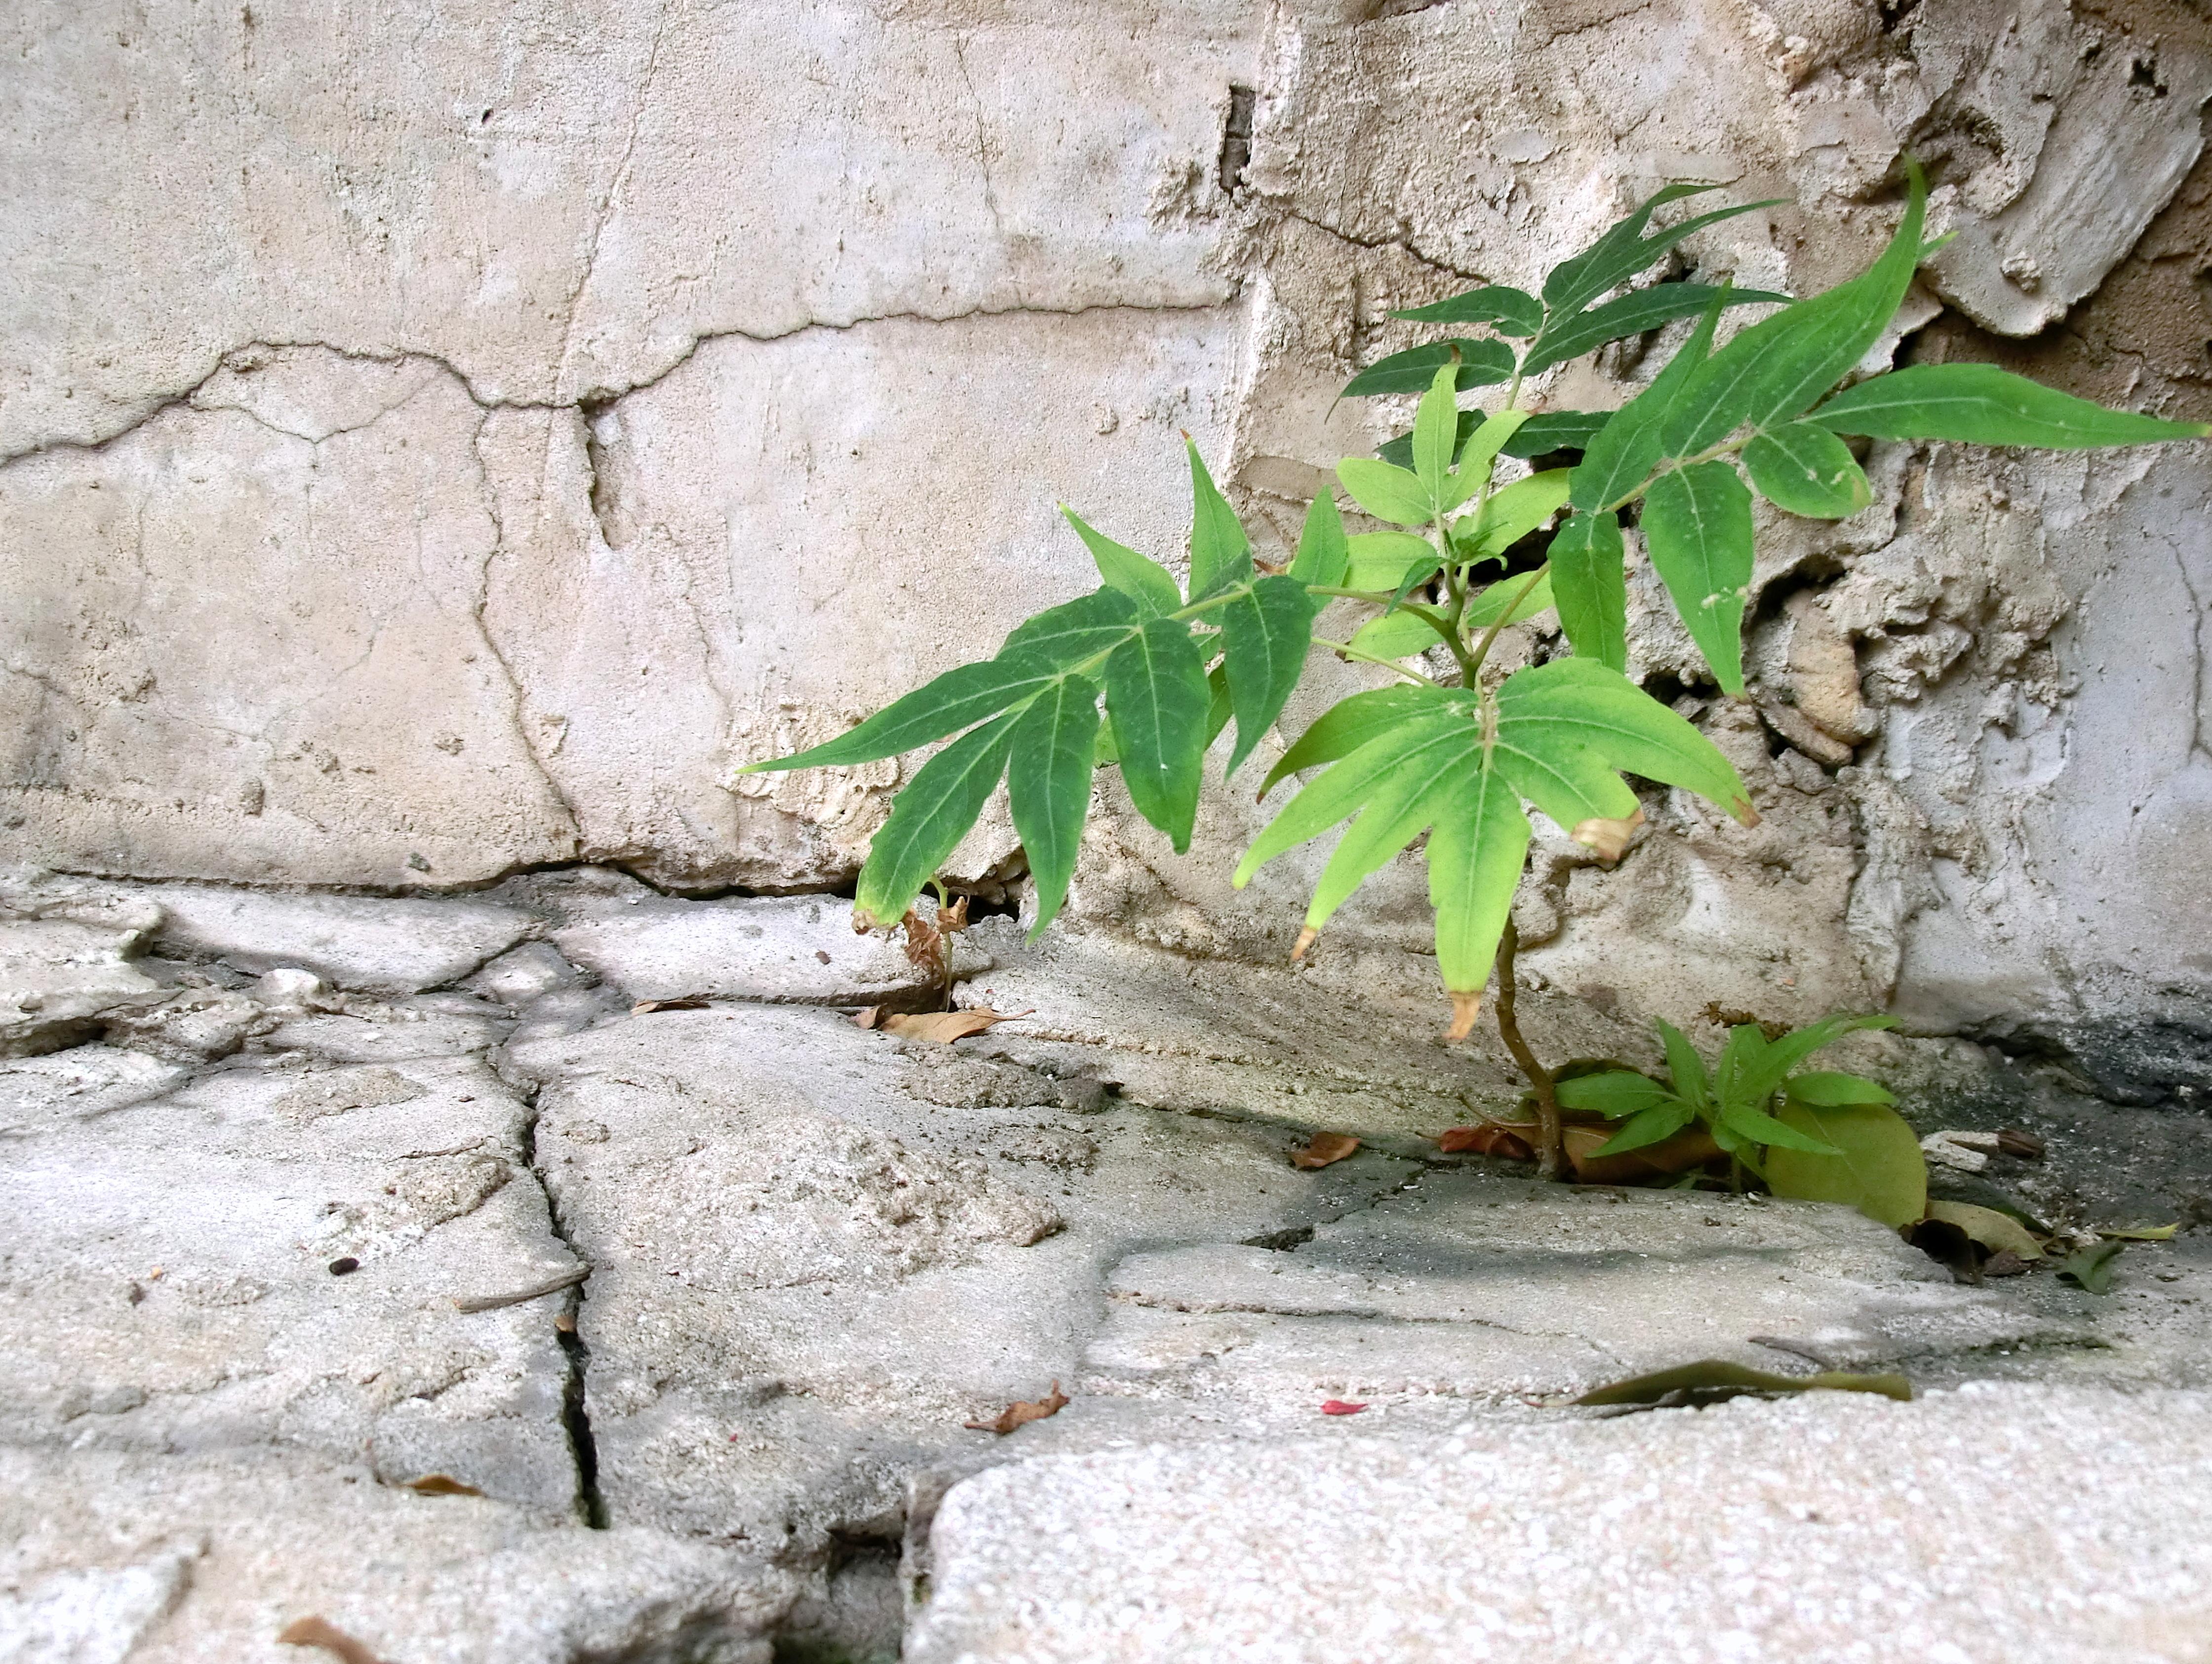 הנביטה מעלה - גם בבטון